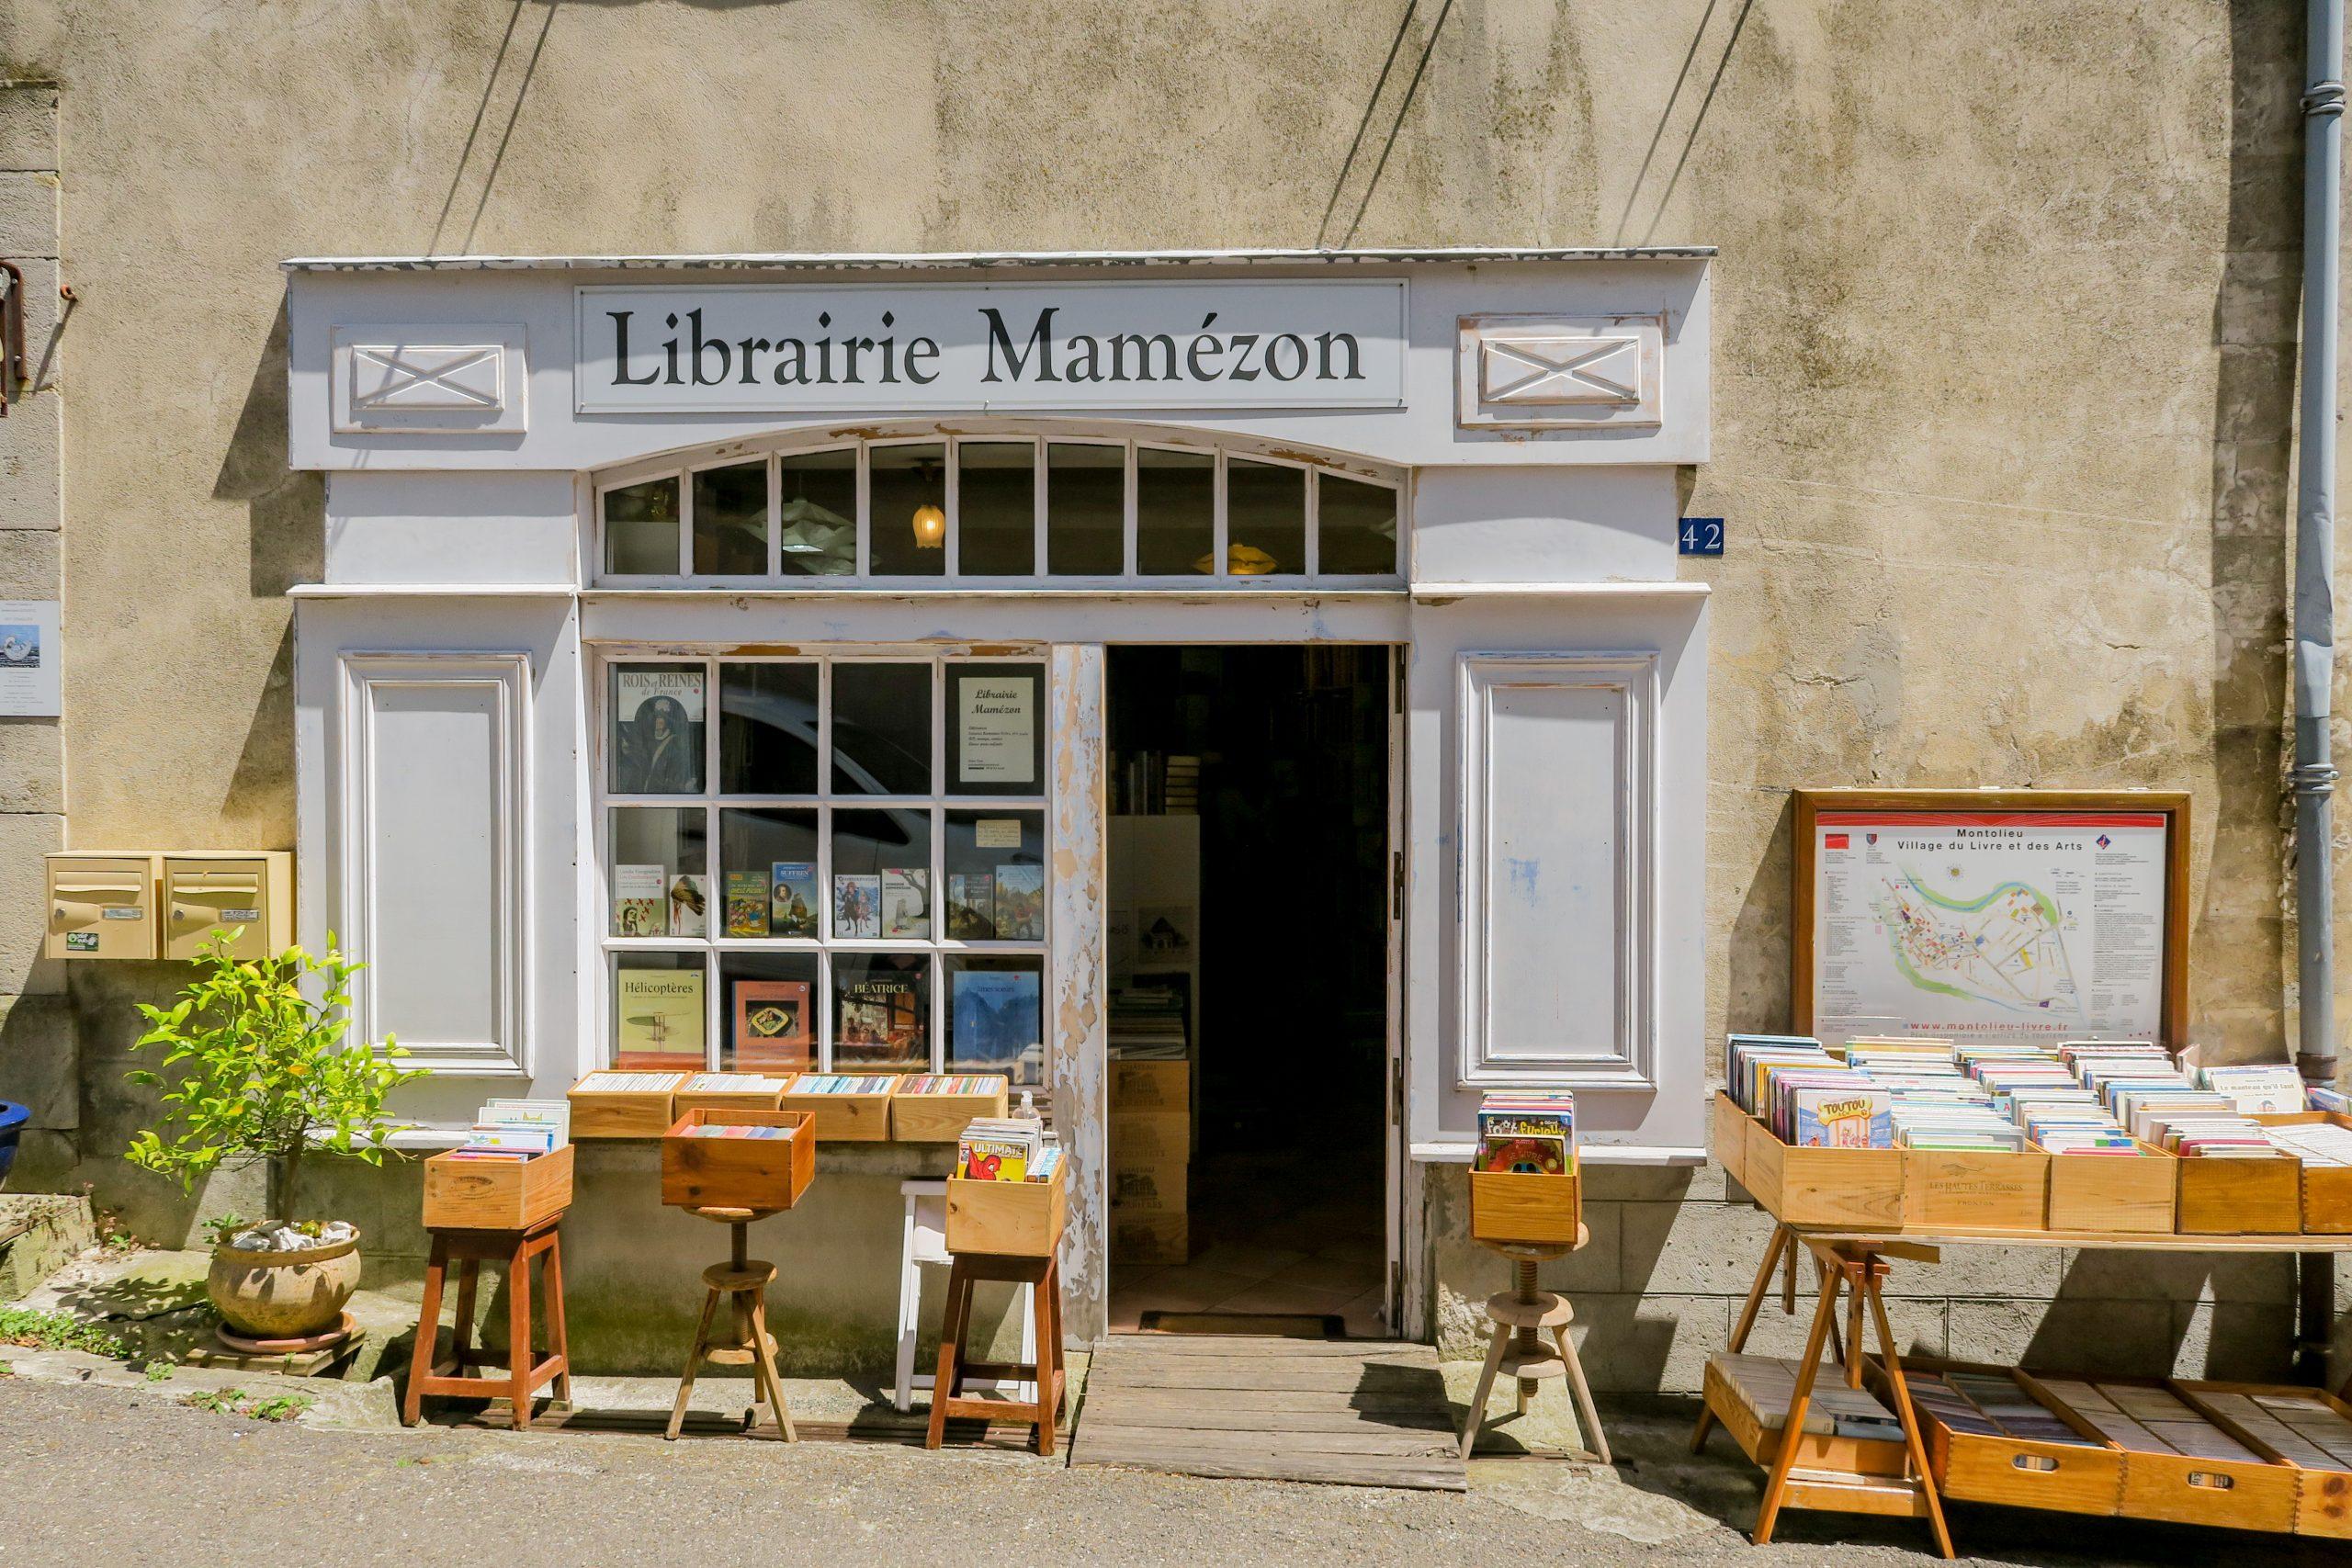 libraire mamezon montolieu